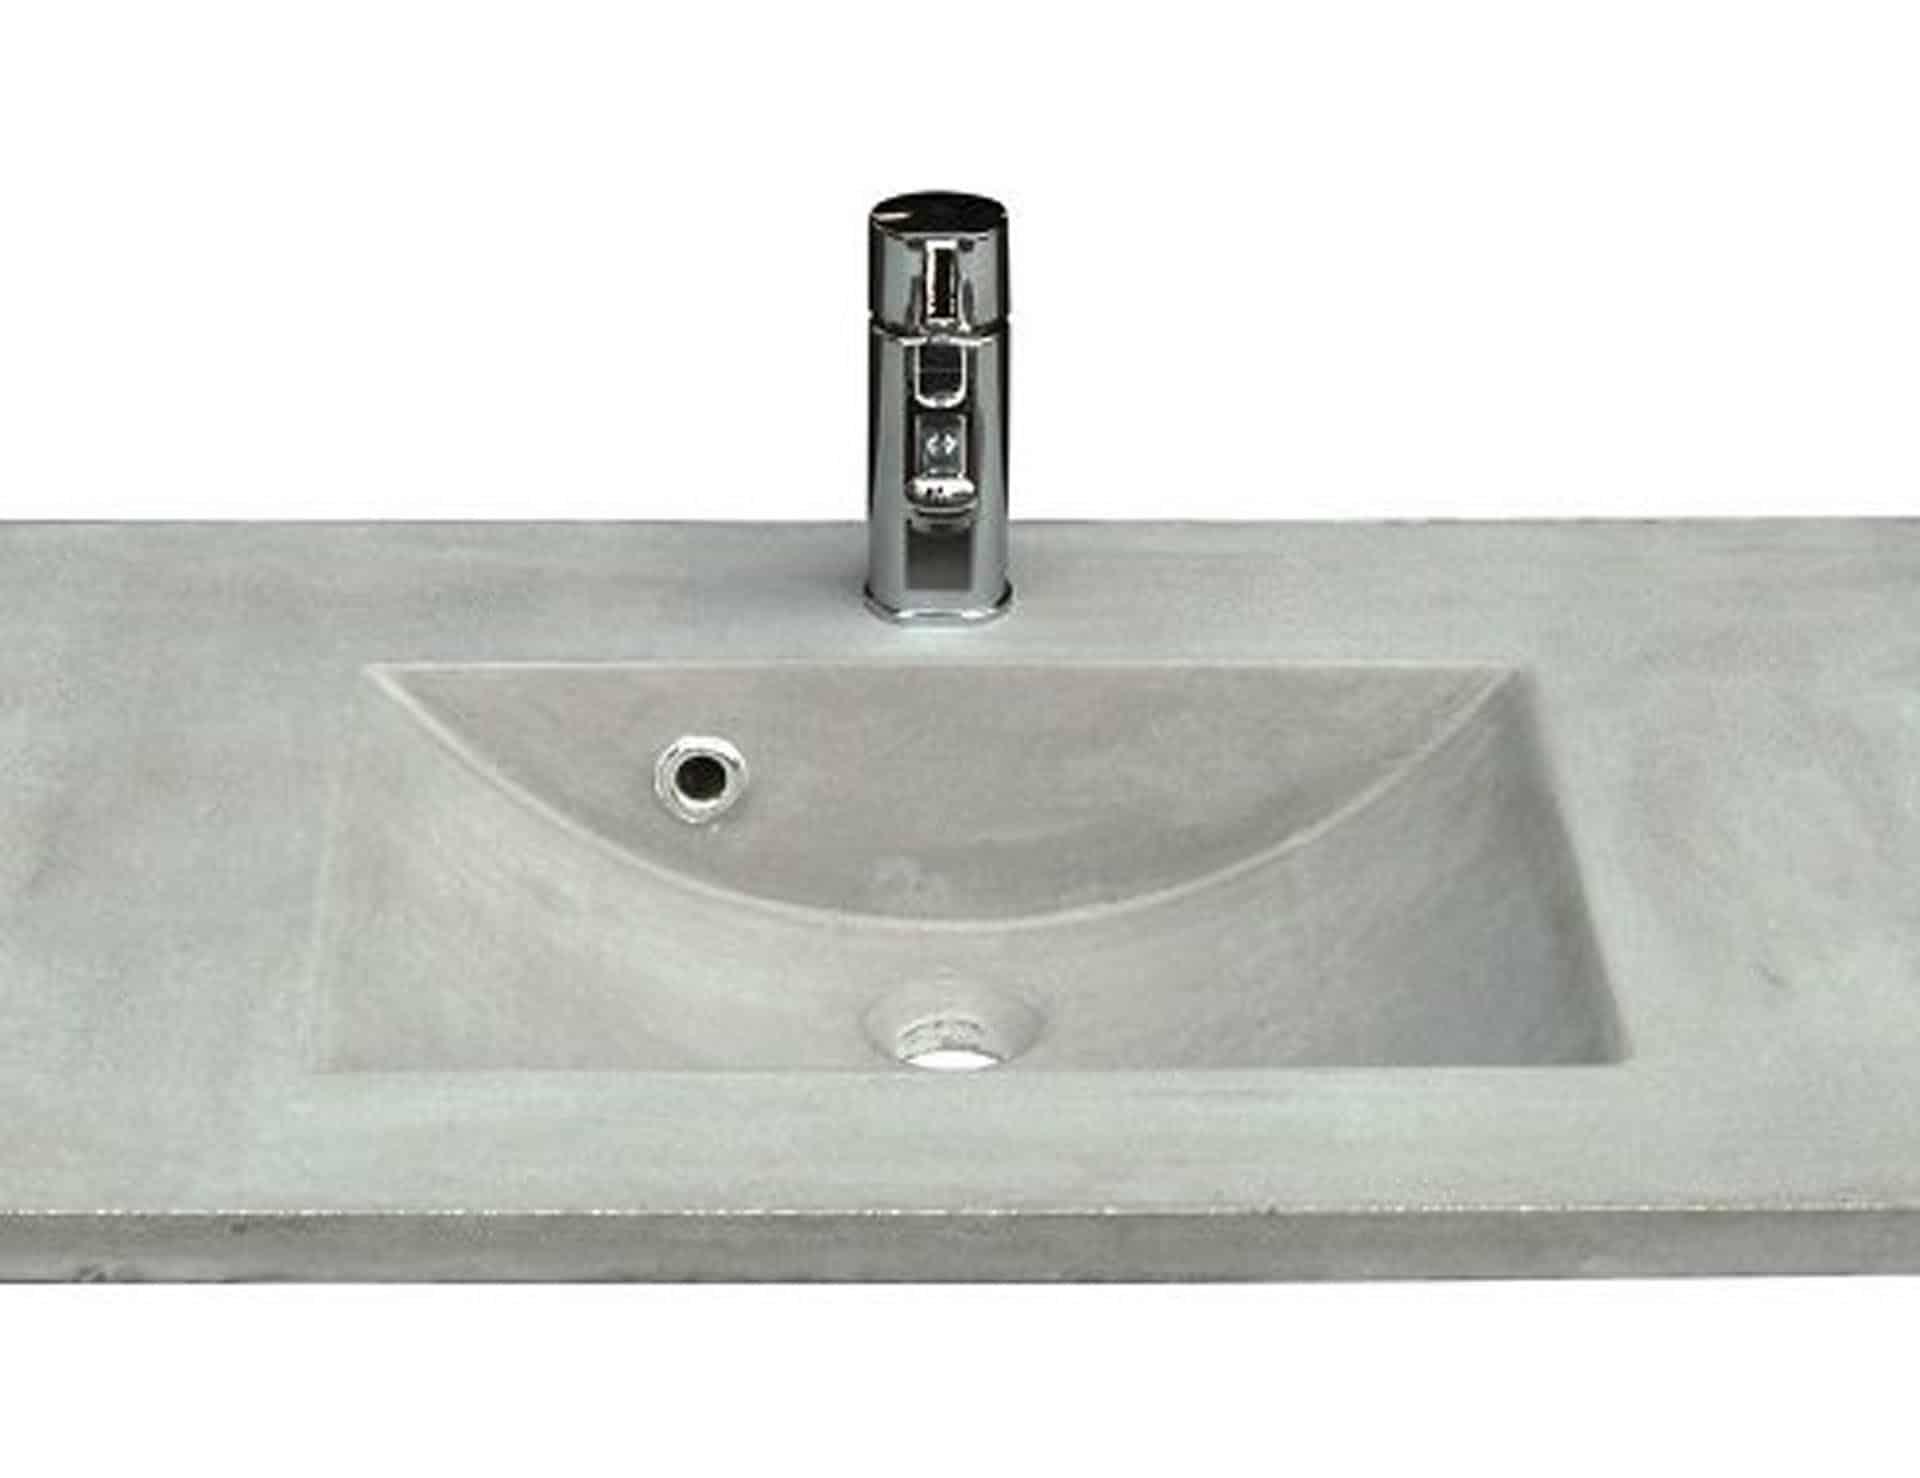 Lækker og simpel beton håndvask, med pæne afrundinger. Farven er i grå - en fantastik flot, moderne og naturlig betonfarve, der passer ind i ethvert badeværelse. Beton tåler ikke stærke rengøringsmidler, eller syreholdige produkter, vi anbefaler derfor at vasken rengøres i pH neutralt rengøringsmiddel. Vasken har målene: 123,2 x 54,5 x 3 cm. Materialet er normal beton som er blevet støbt i en form og bagefter vibreret for at få luftlommer ud af råmaterialet. Vasken skal stå på et skab. Køb et af vores tre slags åbne ophæng til slimlinevaske eller se vores guide til hvilket skab, der passer til og hvor du kan købe det. Vasken er hensynsmæssigt designet med fine rundinger, som både giver vasken et eksklusivt udtryk og gør den rengøringsvenlig. Vasken vedligeholdes med voks - vi anbefaler en behandling med vores egen naturvoks ID12002 et par gange om året for at opnå optimalt look.